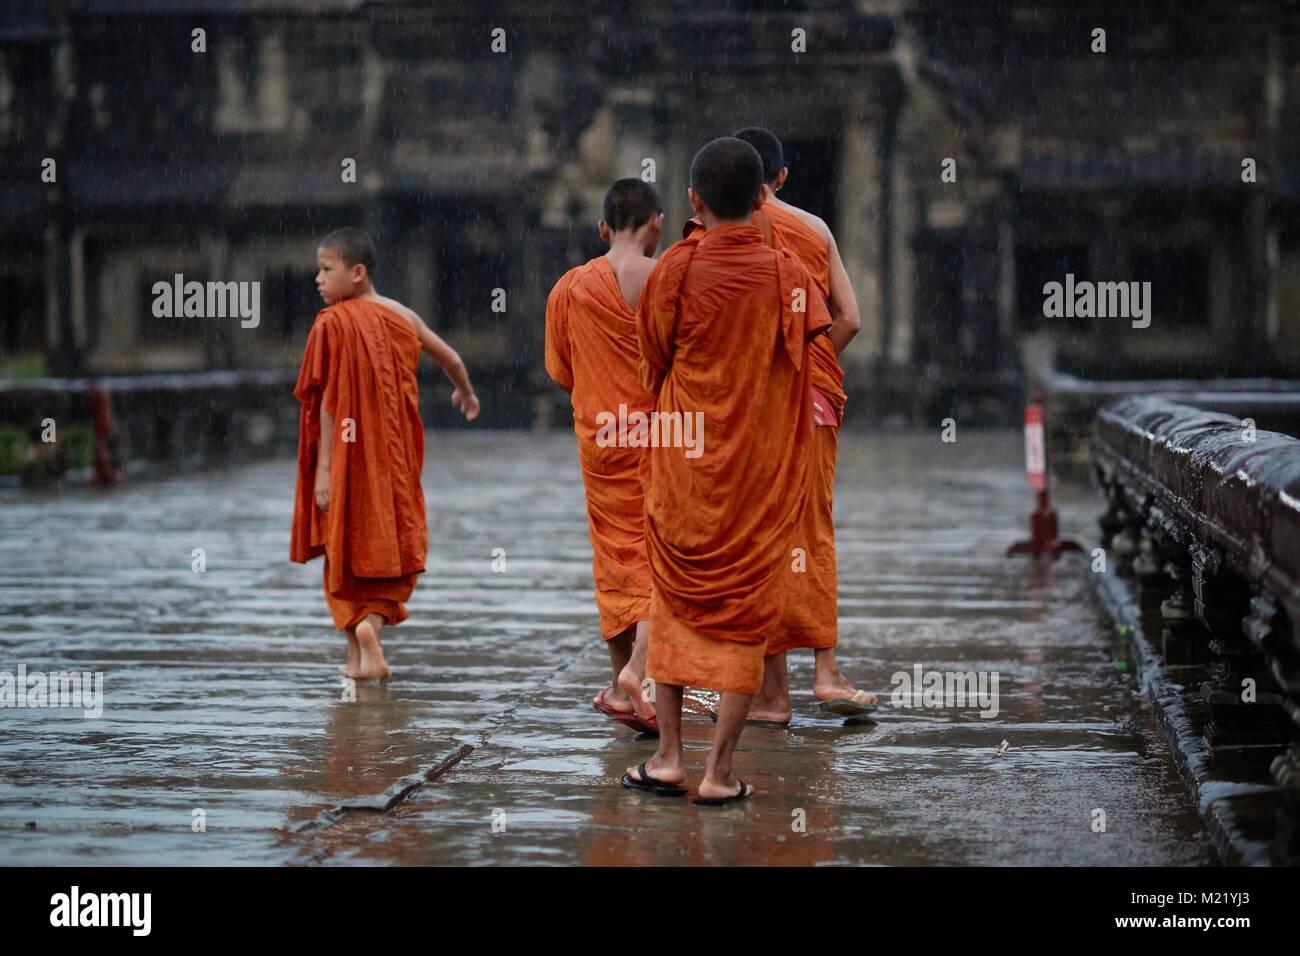 Young monks, Angkor Wat, Angkor, Cambodia - Stock Image